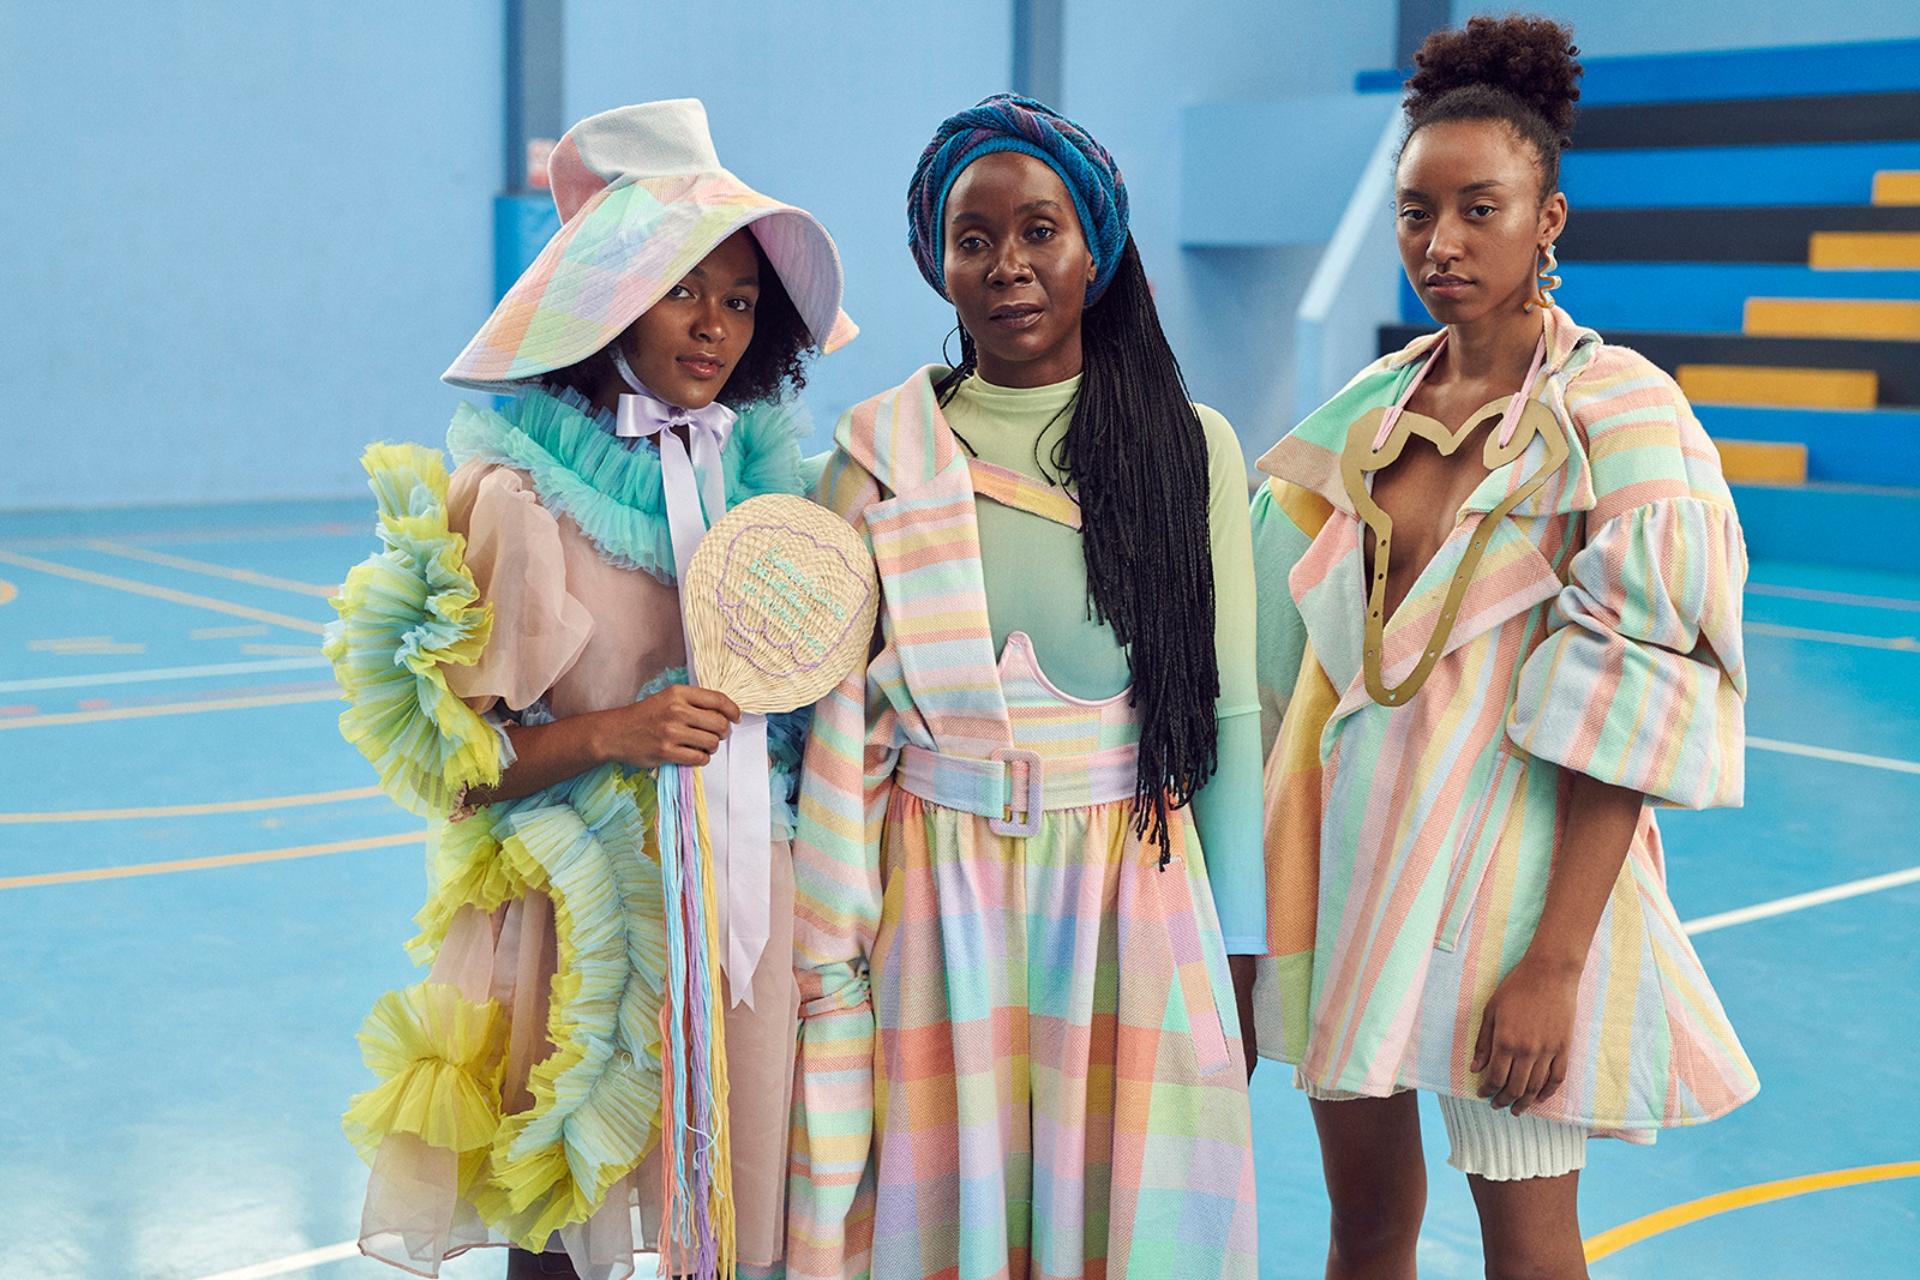 Nuevos talentos: cinco diseñadores de moda emergentes para tener en el radar